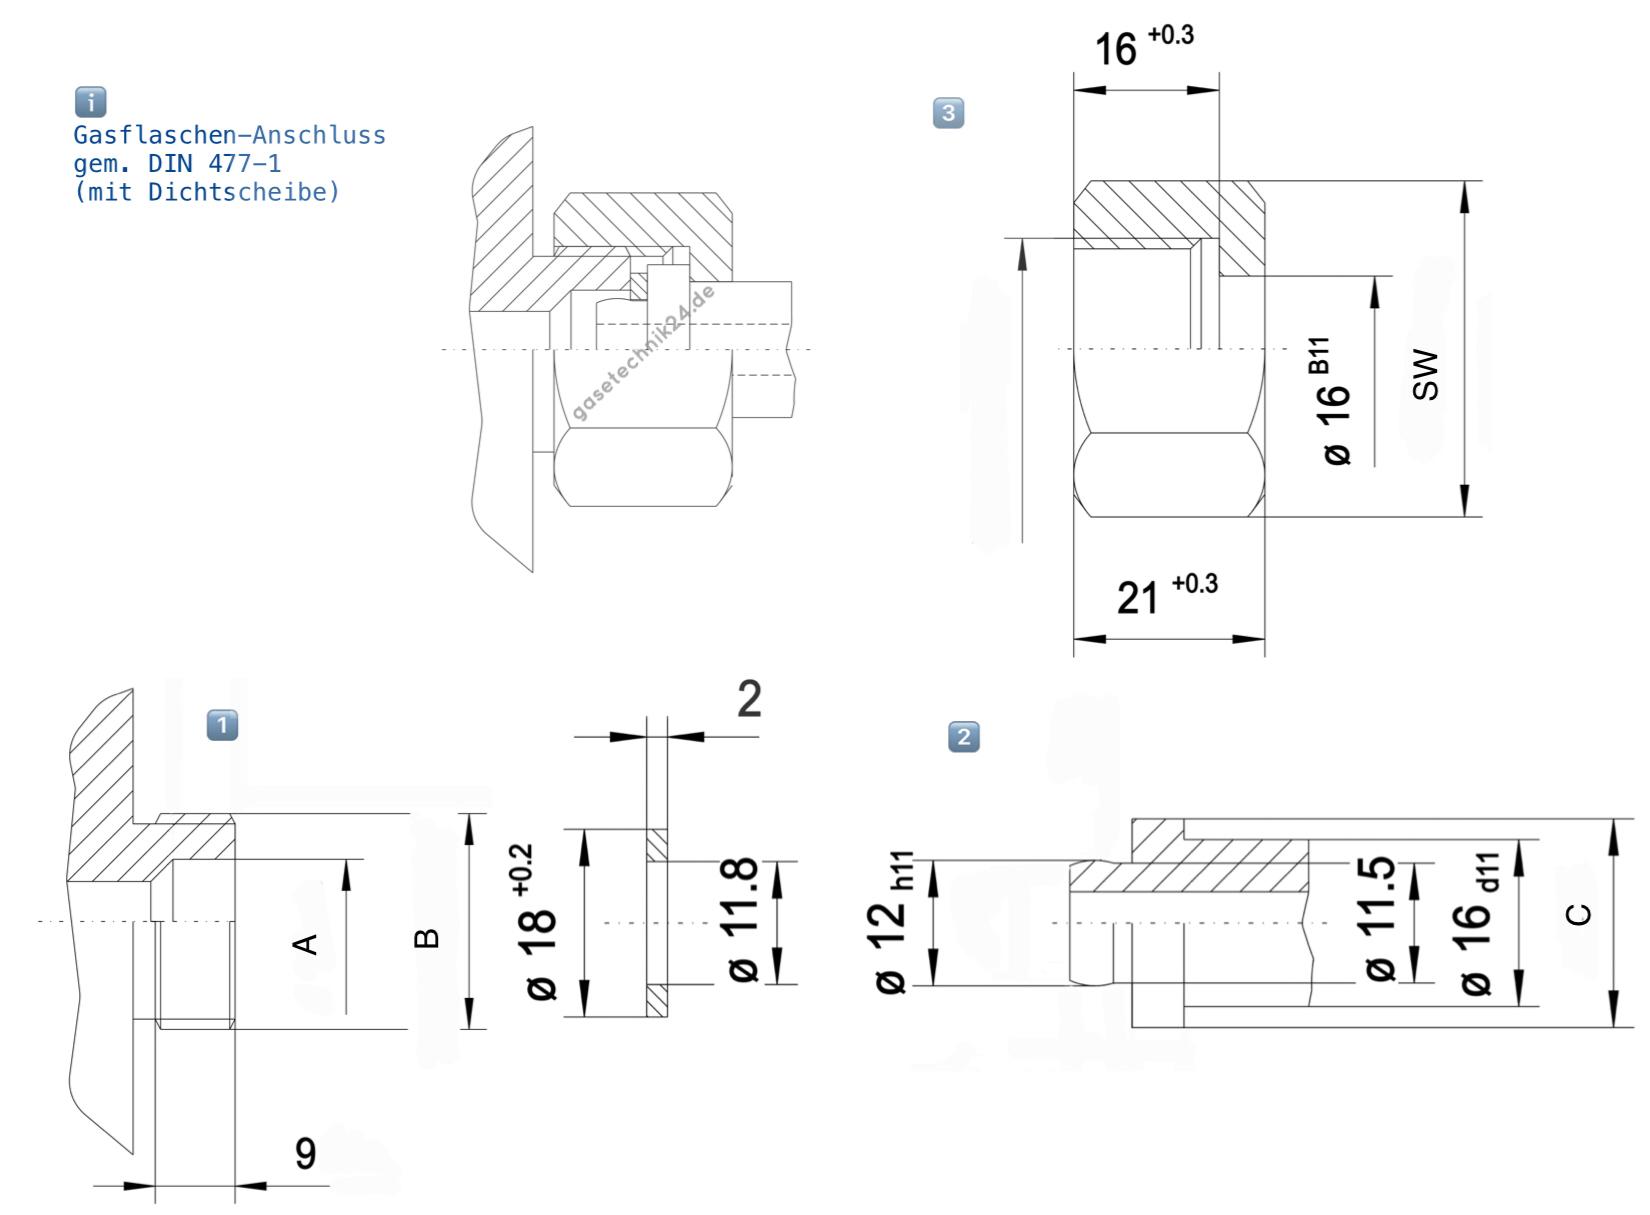 gasflaschen-anschluss-din477-1